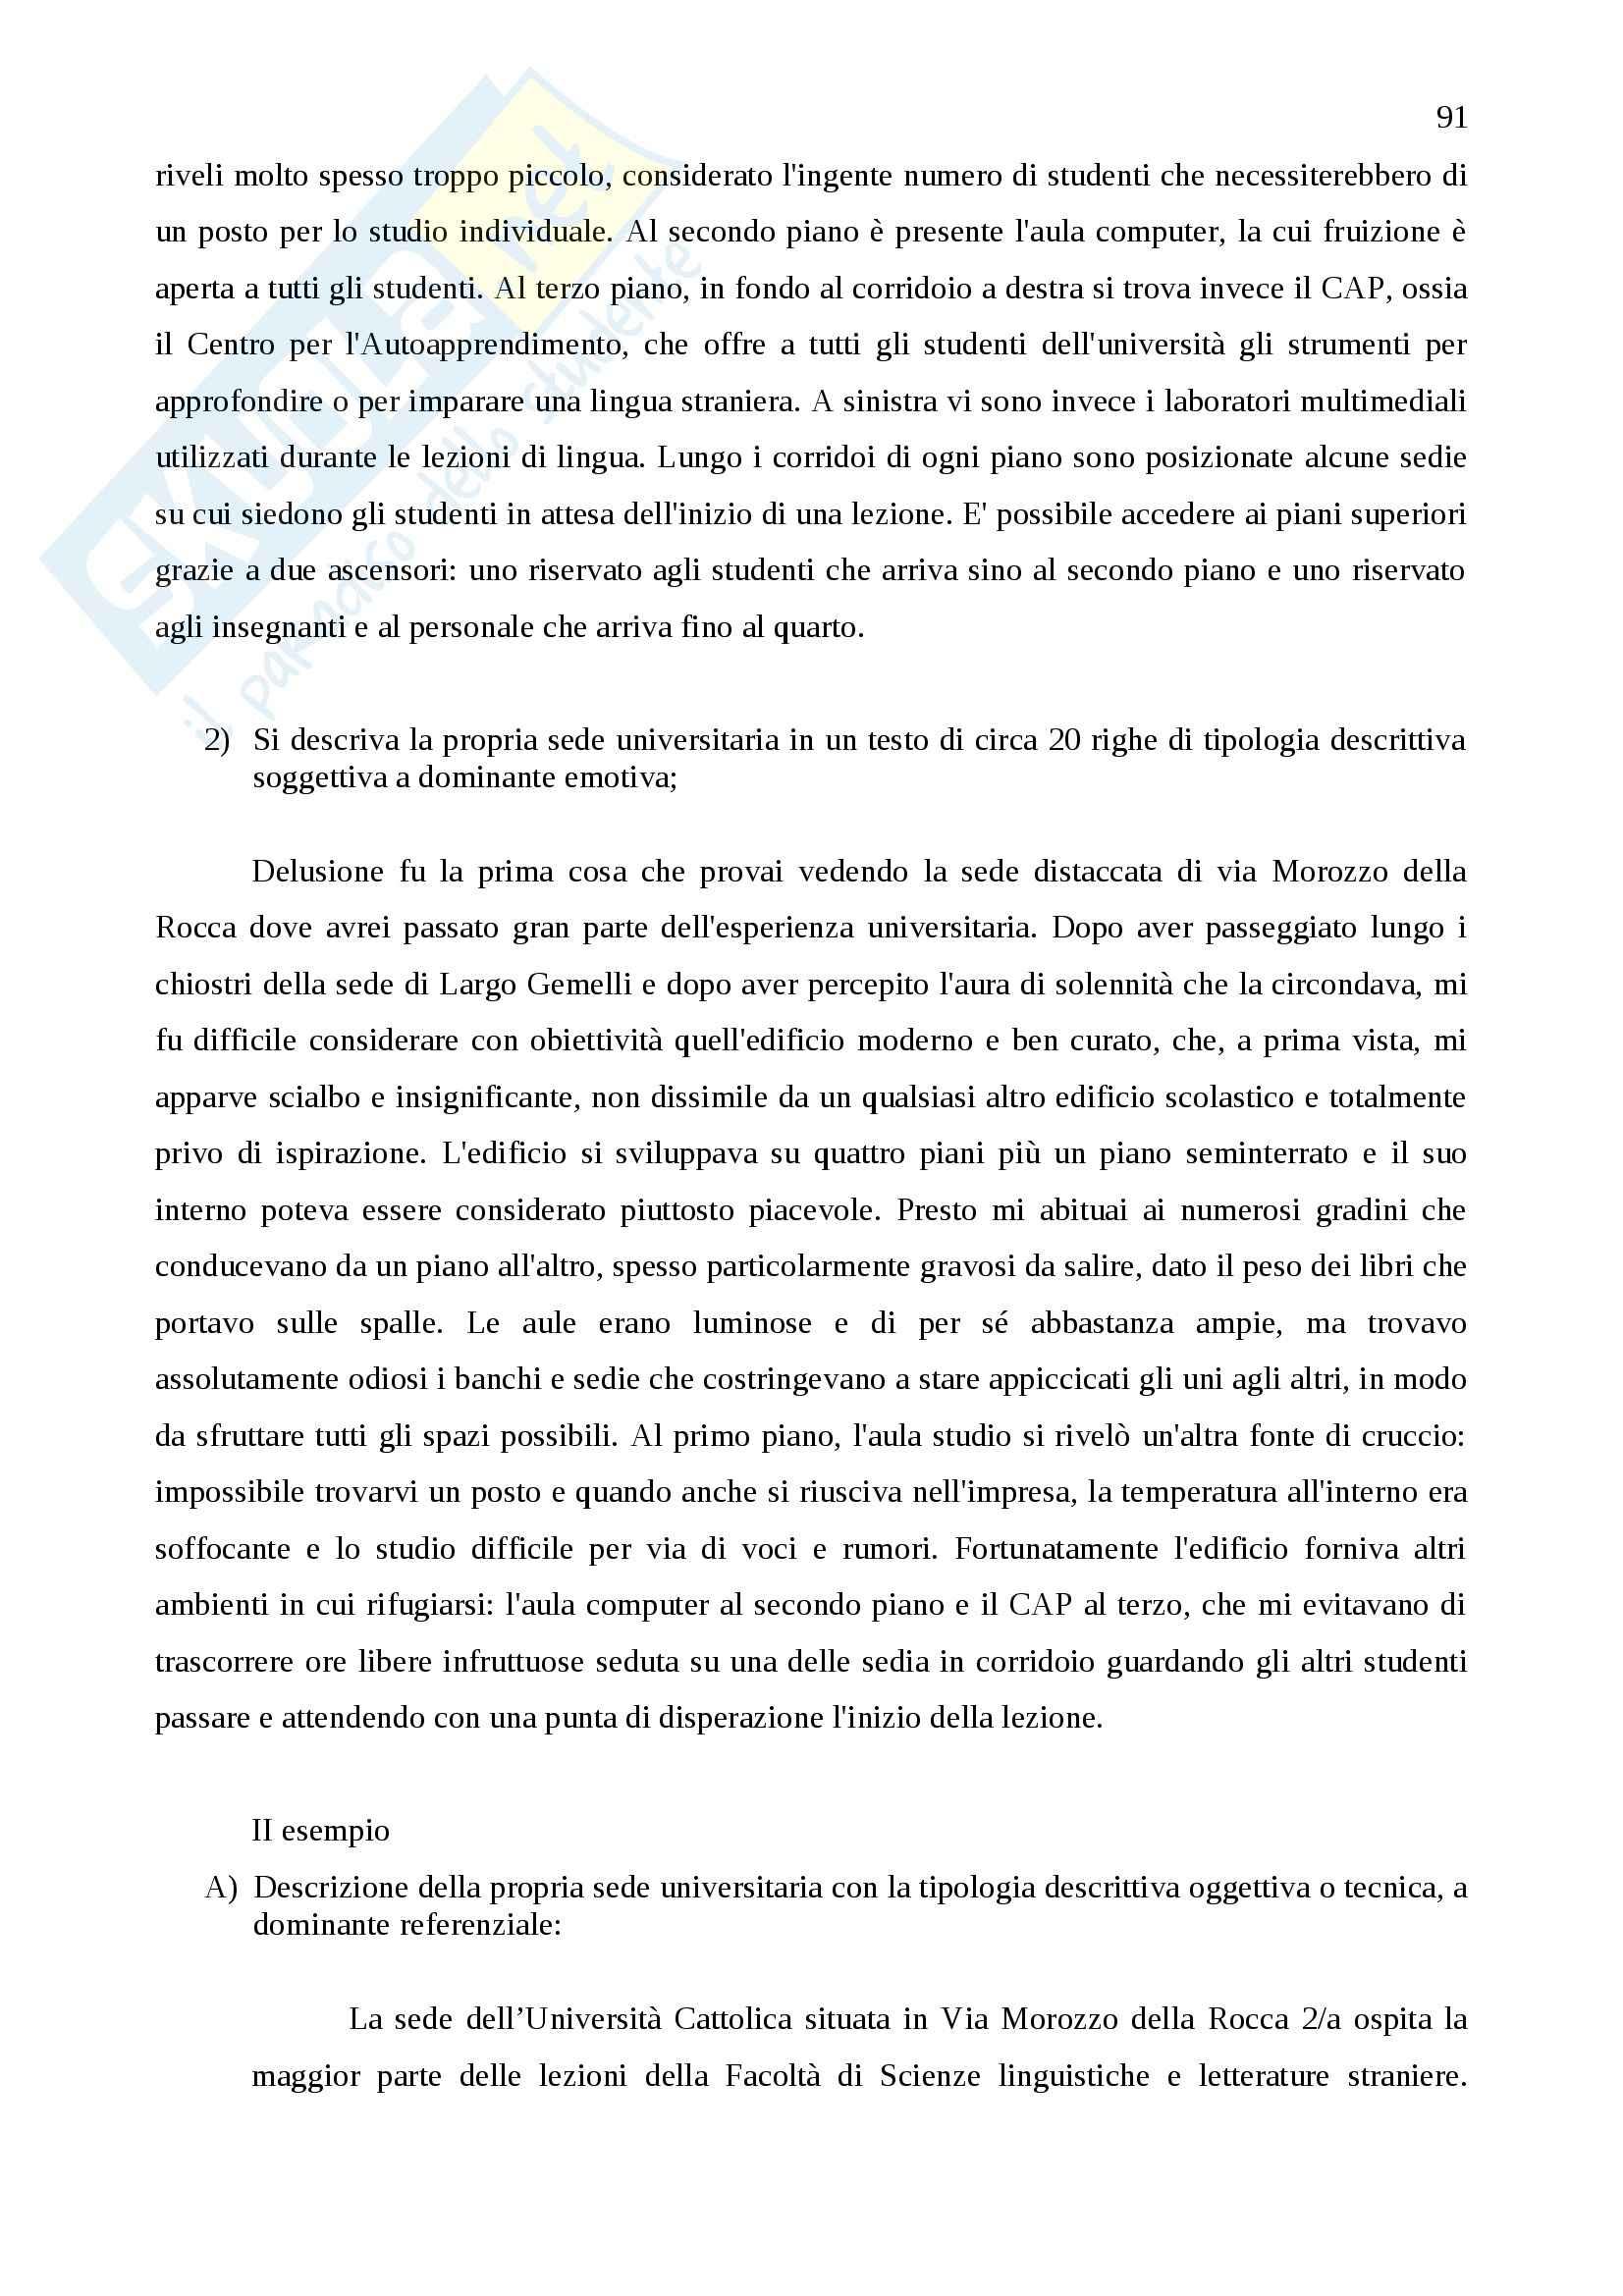 Tecniche espressive e tipologie dei testi - Appunti Pag. 91